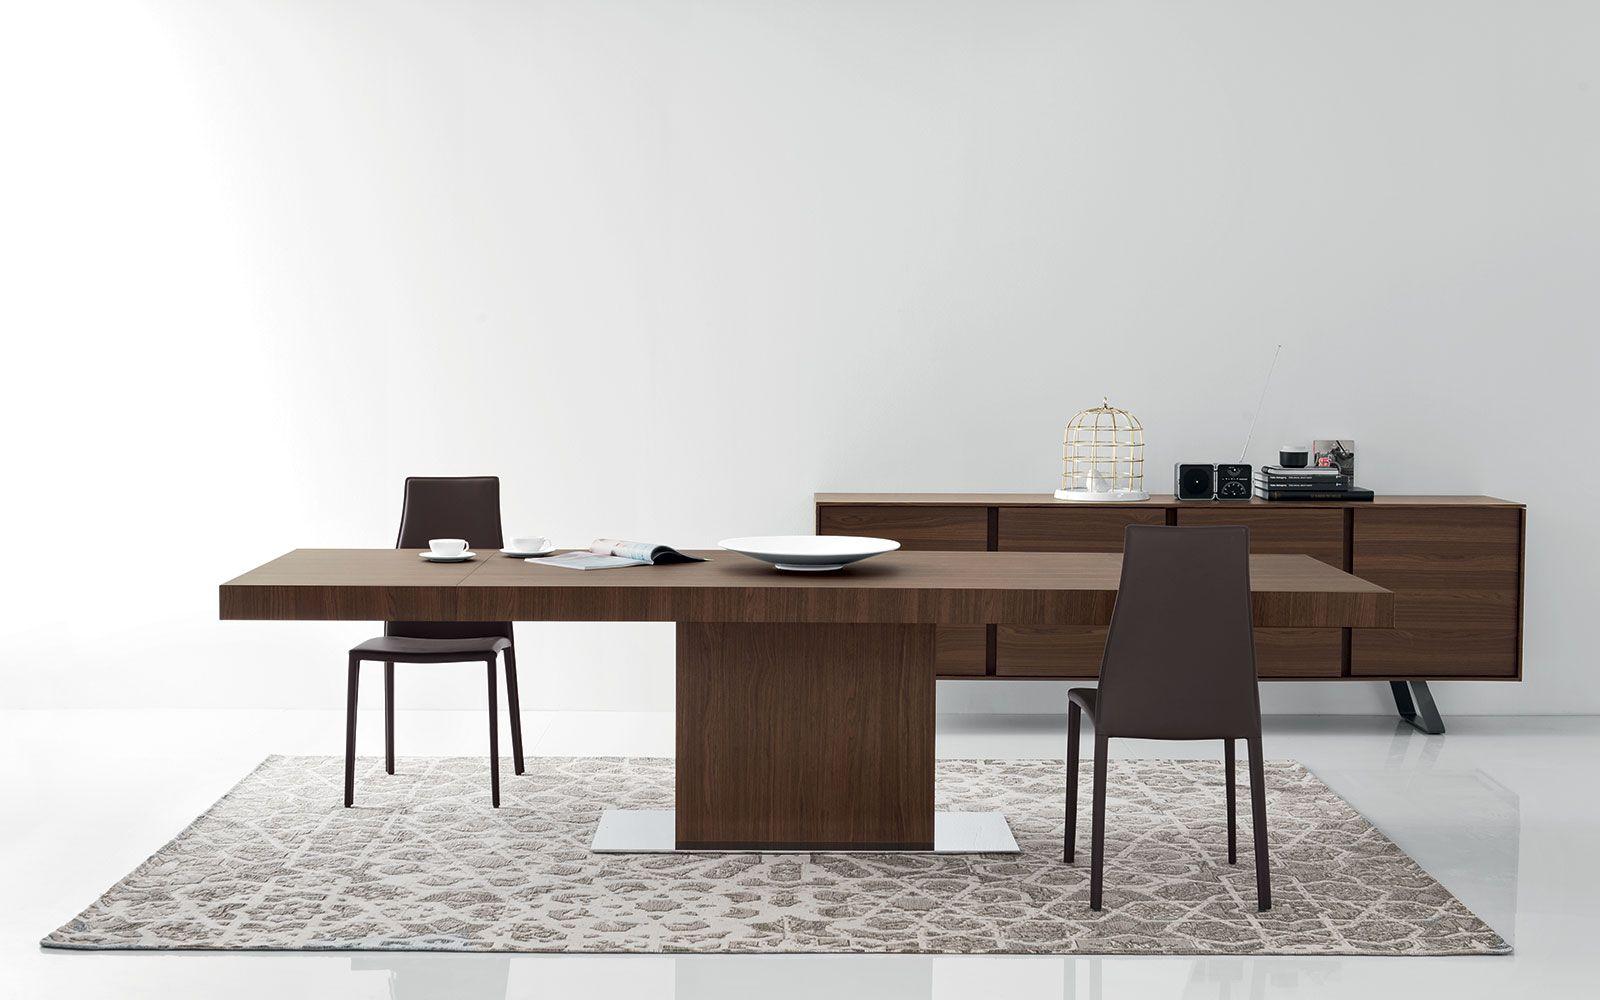 Tutta la nuova collezione di tavoli Calligaris 2017 da